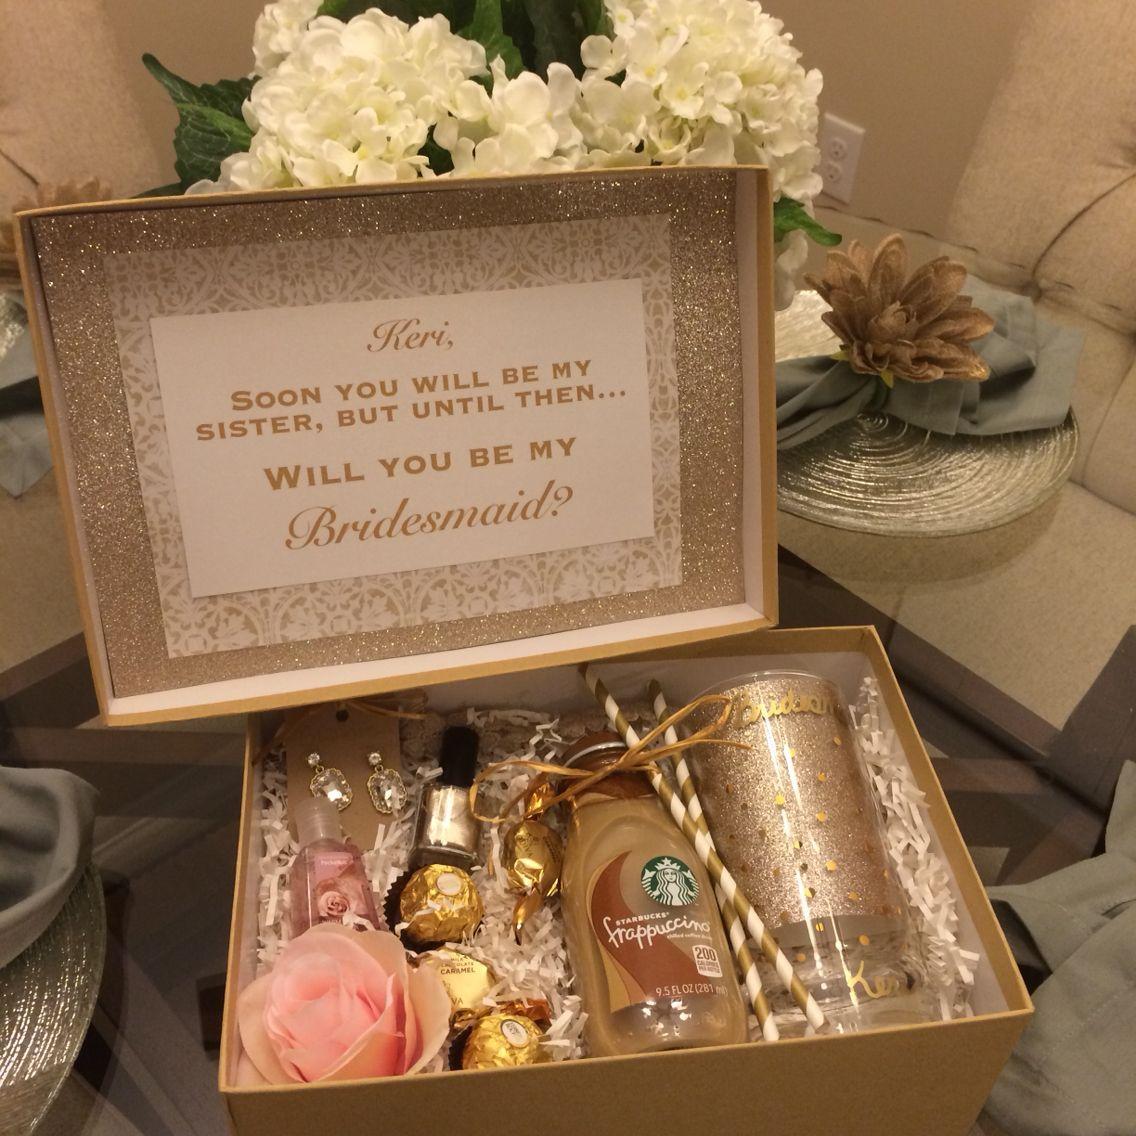 Bridesmaid box bridesmaid proposal gifts for wedding party